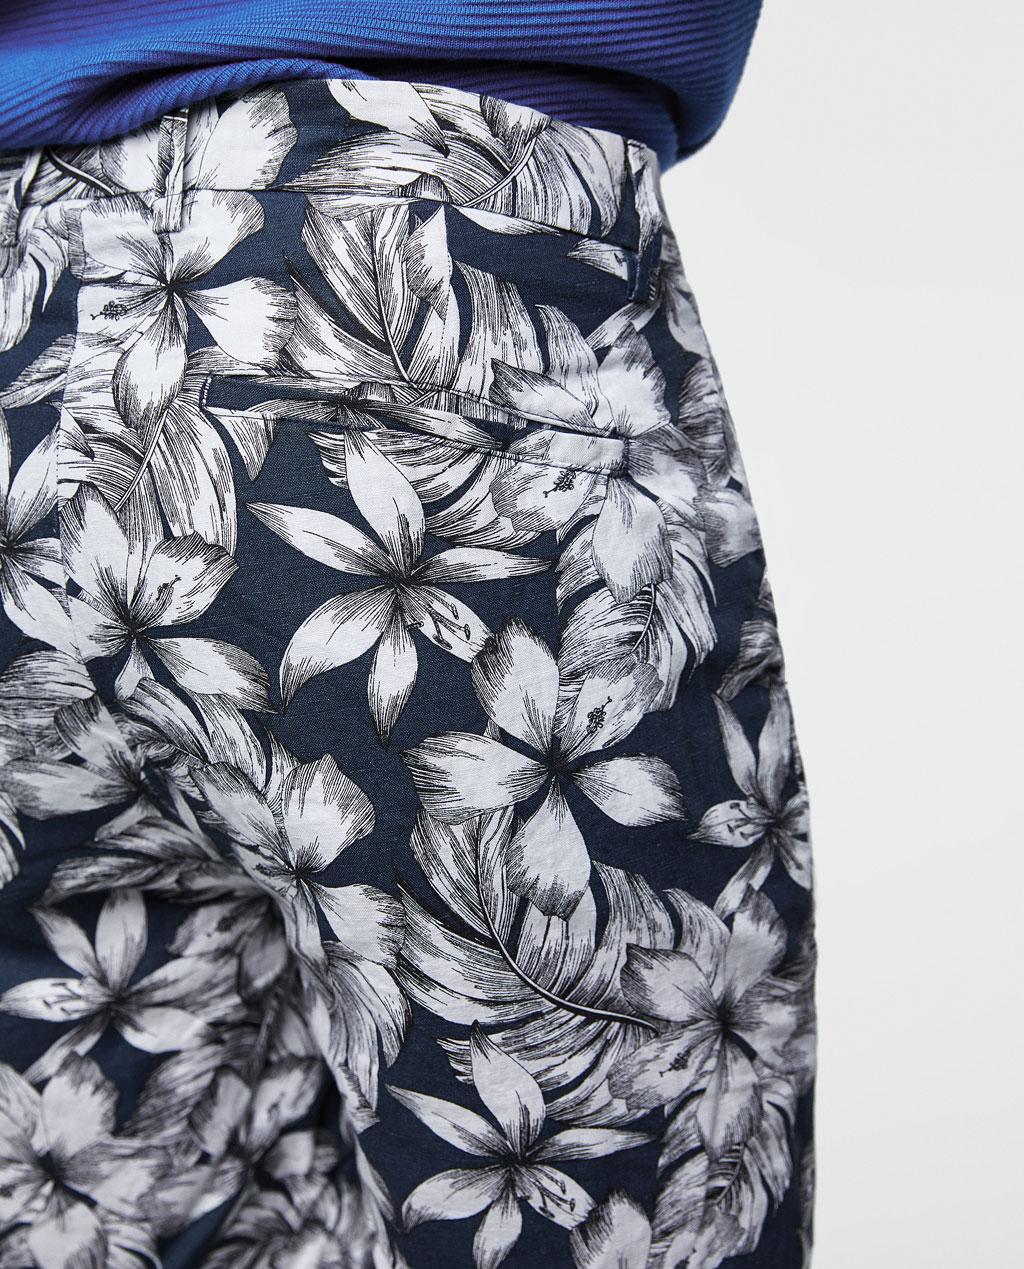 Thời trang nam Zara  24086 - ảnh 7